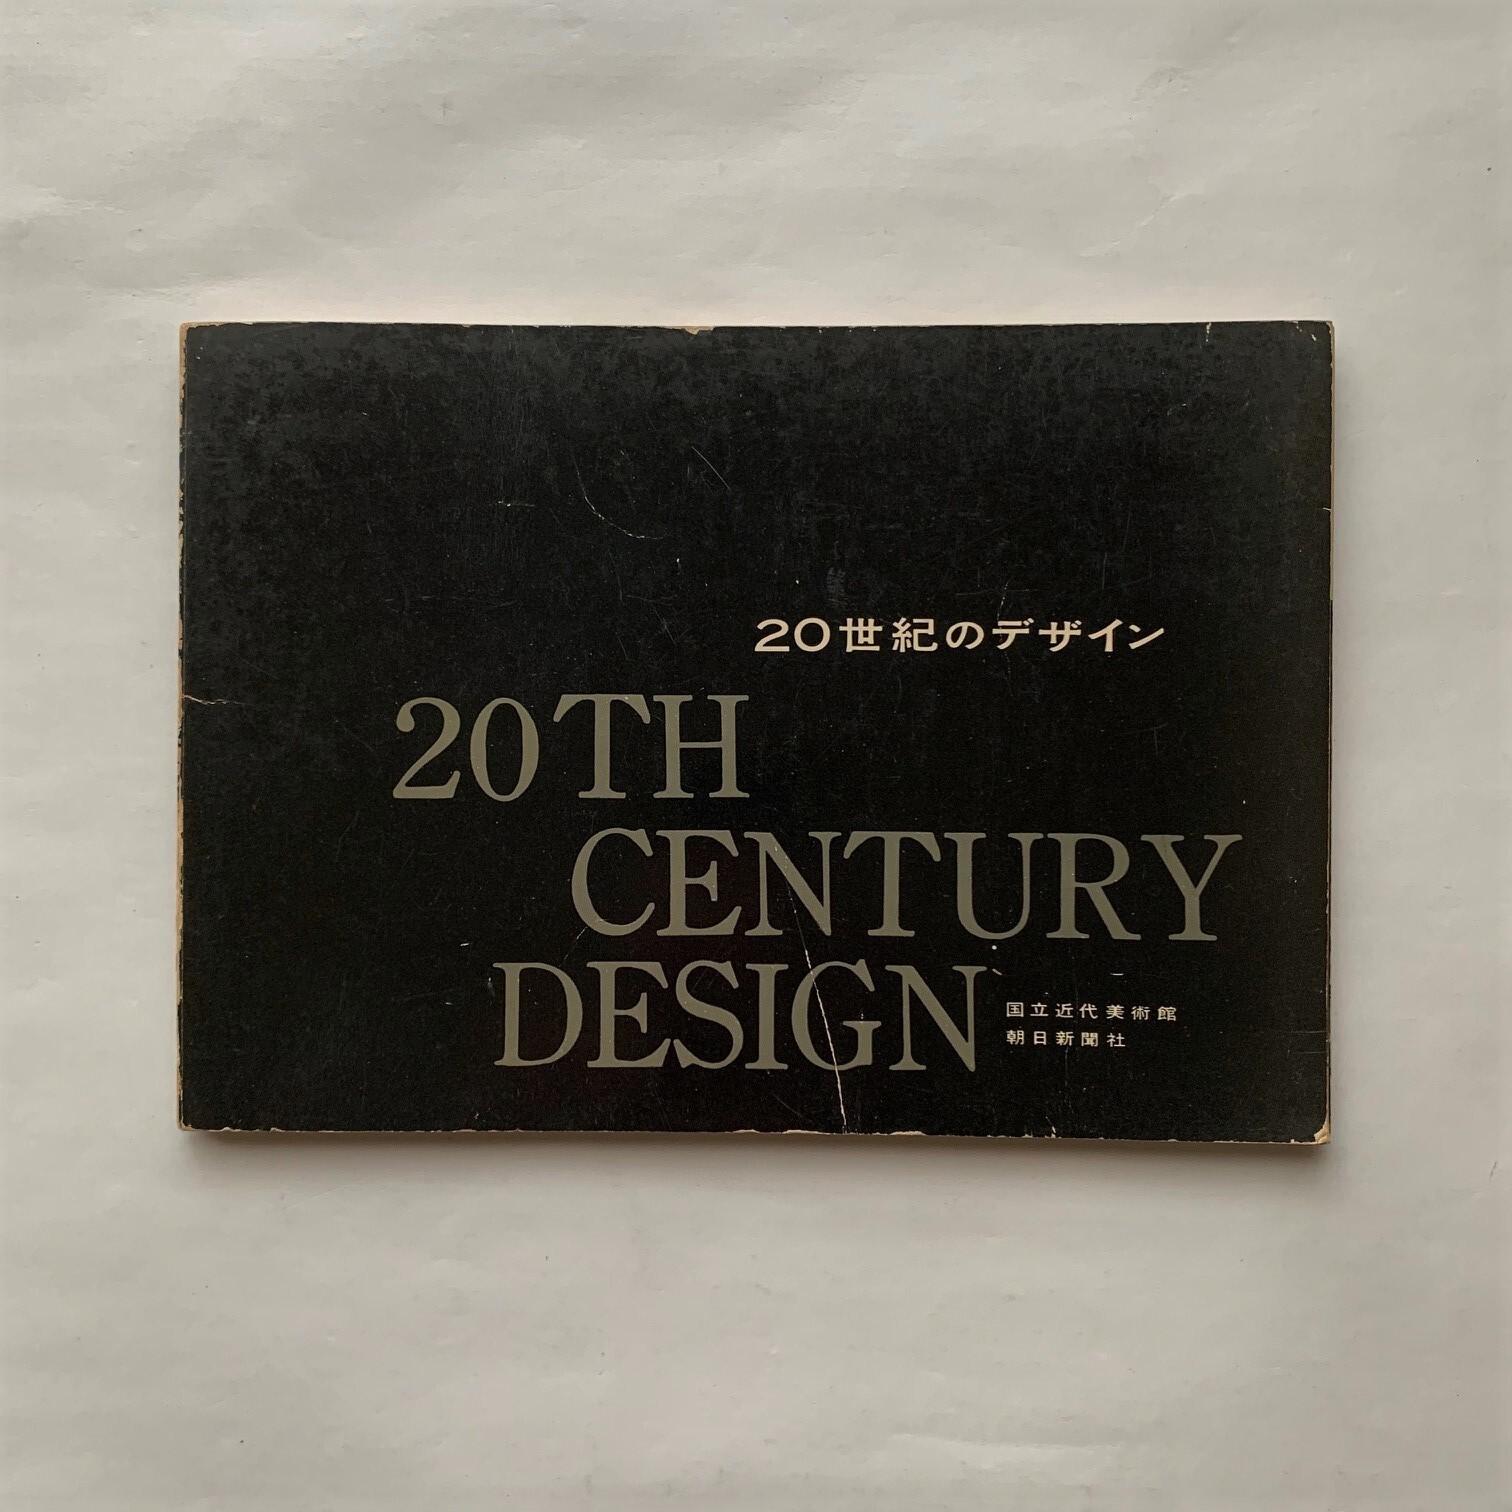 20世紀のデザイン展図録 / 国立近代美術館 (編集)